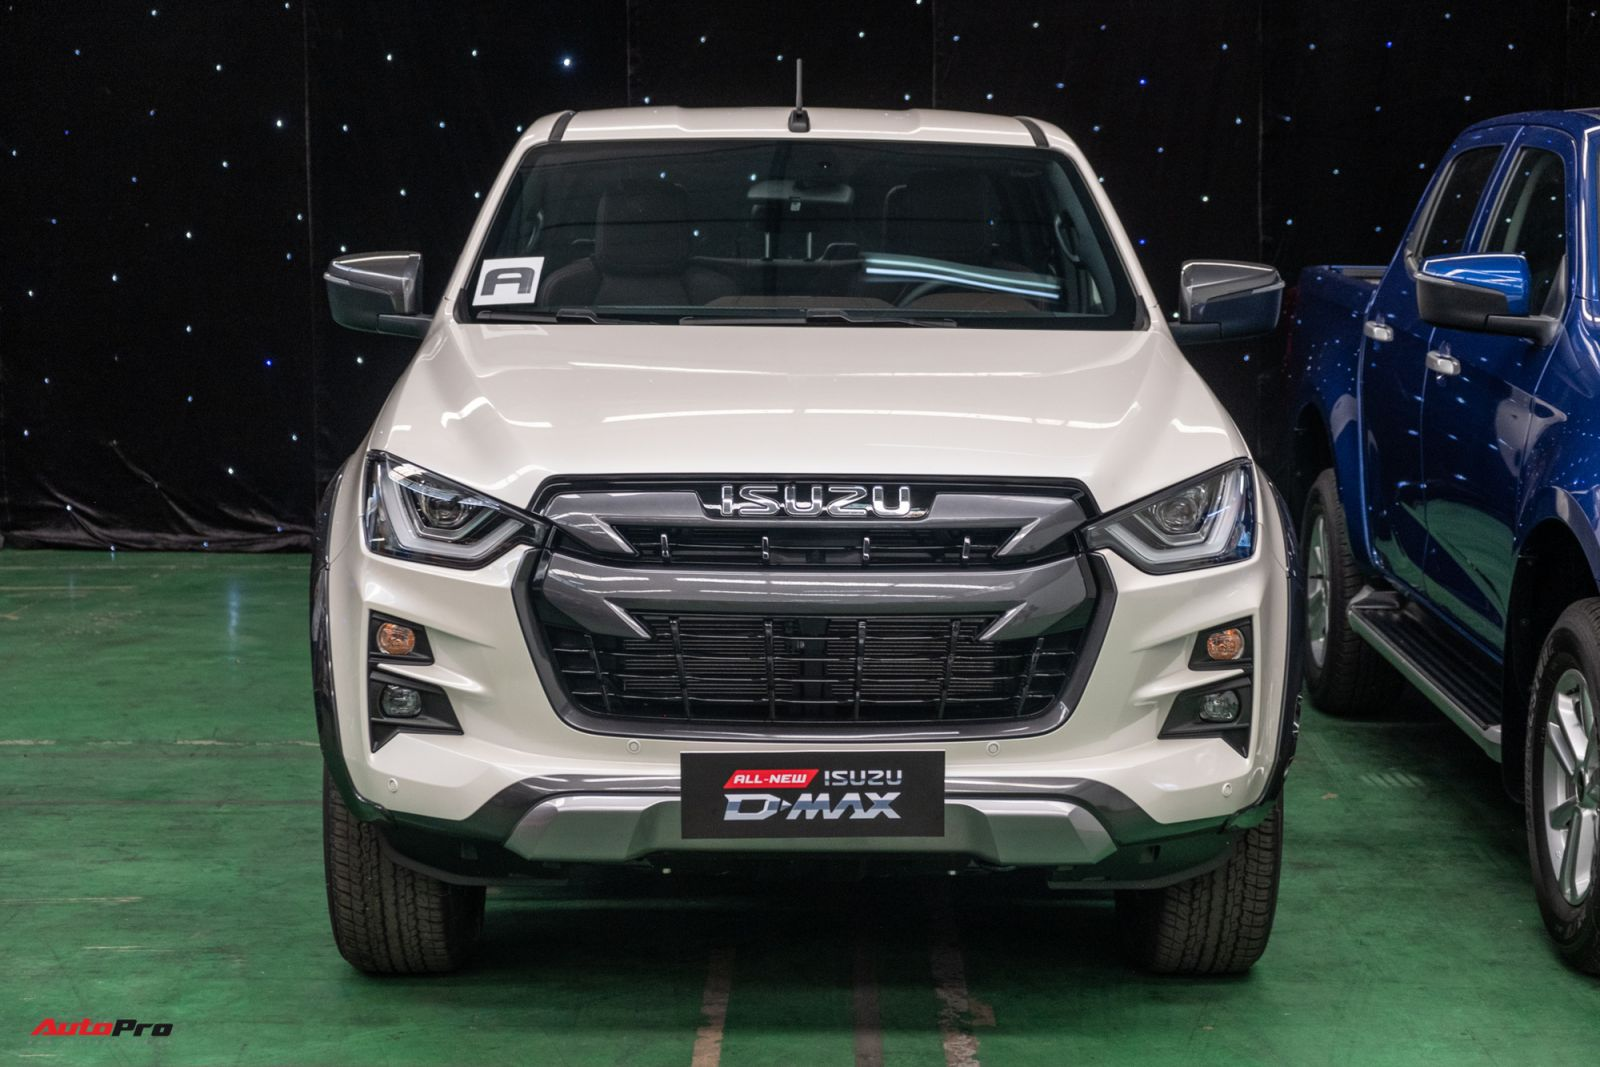 Cả 3 phiên bản của Isuzu D-Max 2021 đều sử dụng động cơ dầu 4cyl, dung tích 1.9L (RZ4E-TC) tăng áp (đơn) cho công suất tối đa 150 mã lực tại 3.600 vòng/phút, mô-men xoắn cực đại 350 Nm ở tốc độ 1.800 – 2.600 vòng/phút